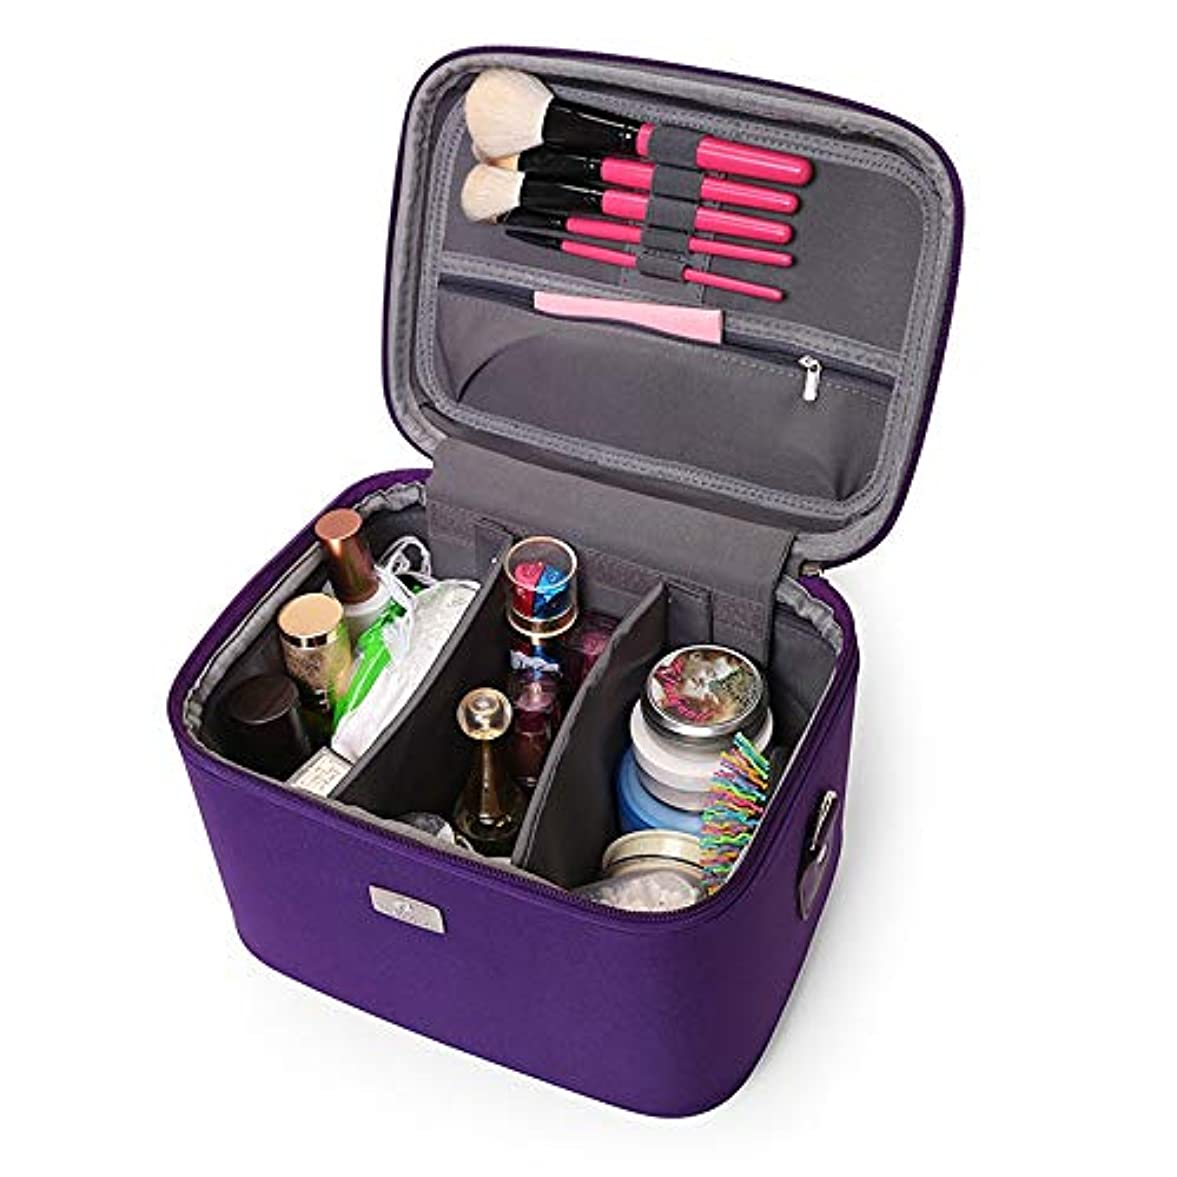 サミット掃くとげのある化粧オーガナイザーバッグ 14インチのメイクアップトラベルバッグPUレター防水化粧ケースのティーン女の子の女性アーティスト 化粧品ケース (色 : 紫の)